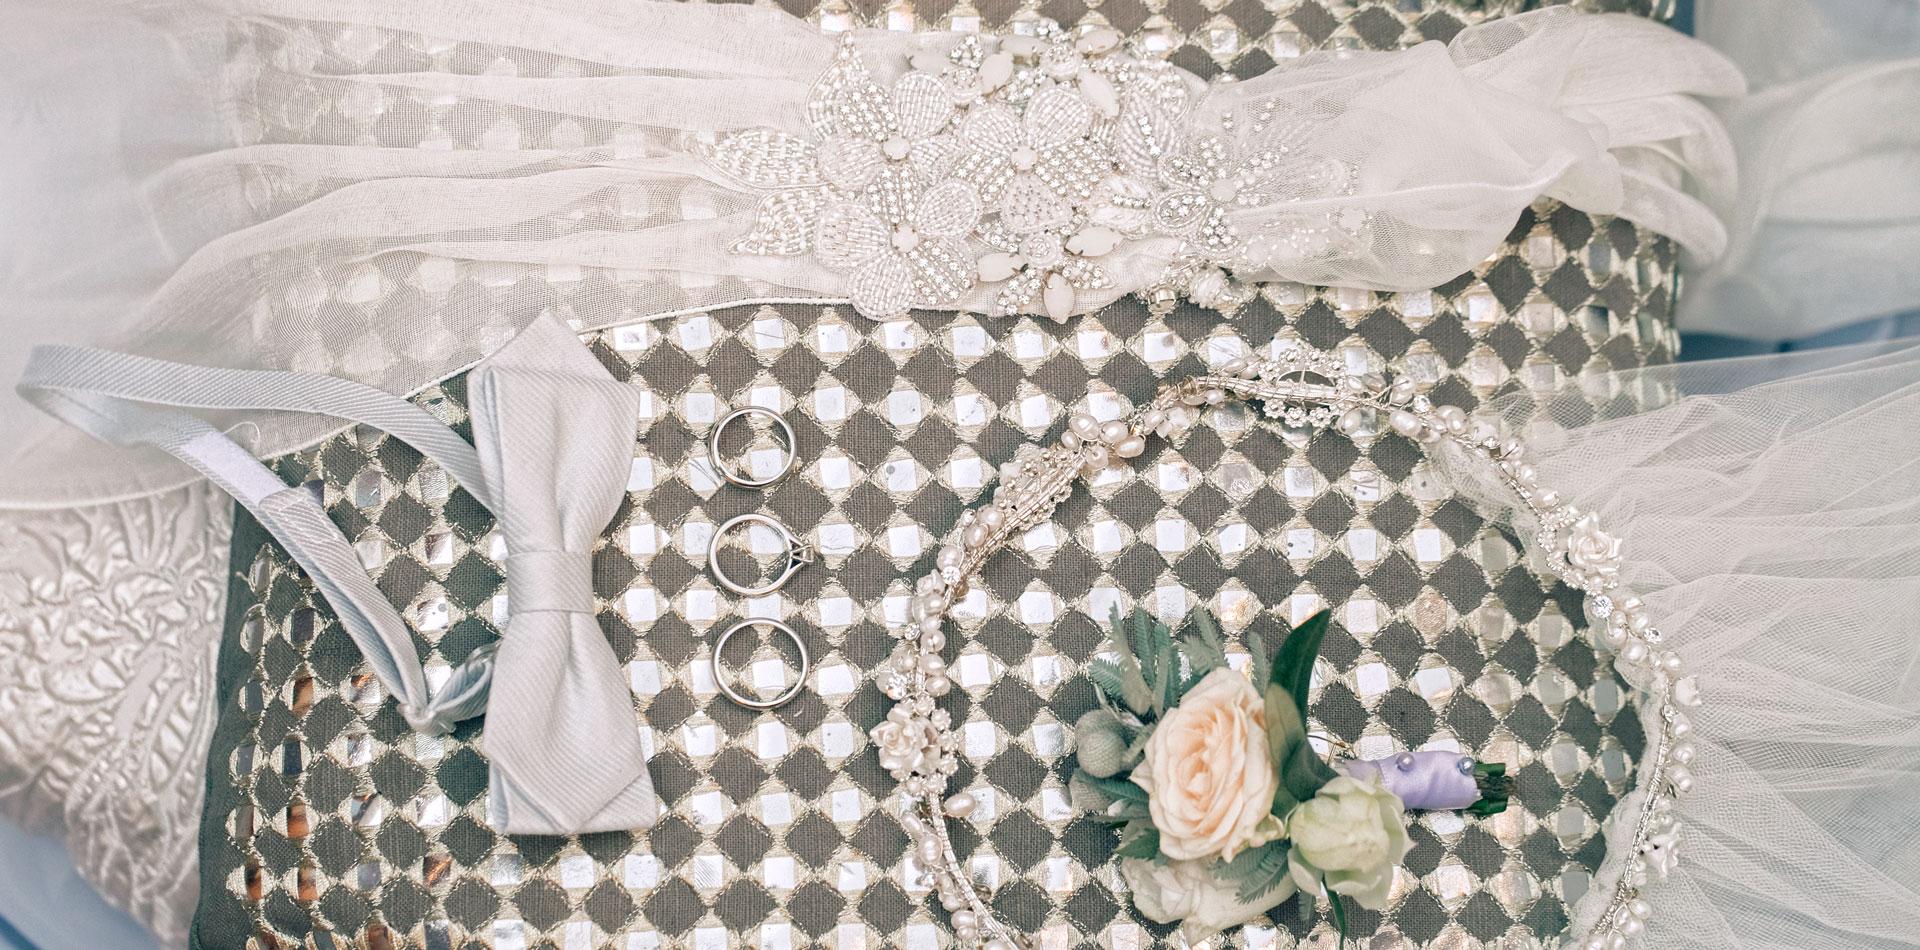 Лилия Горланова: 10 советов невестам от свадебного фотографа и организатора фото 6